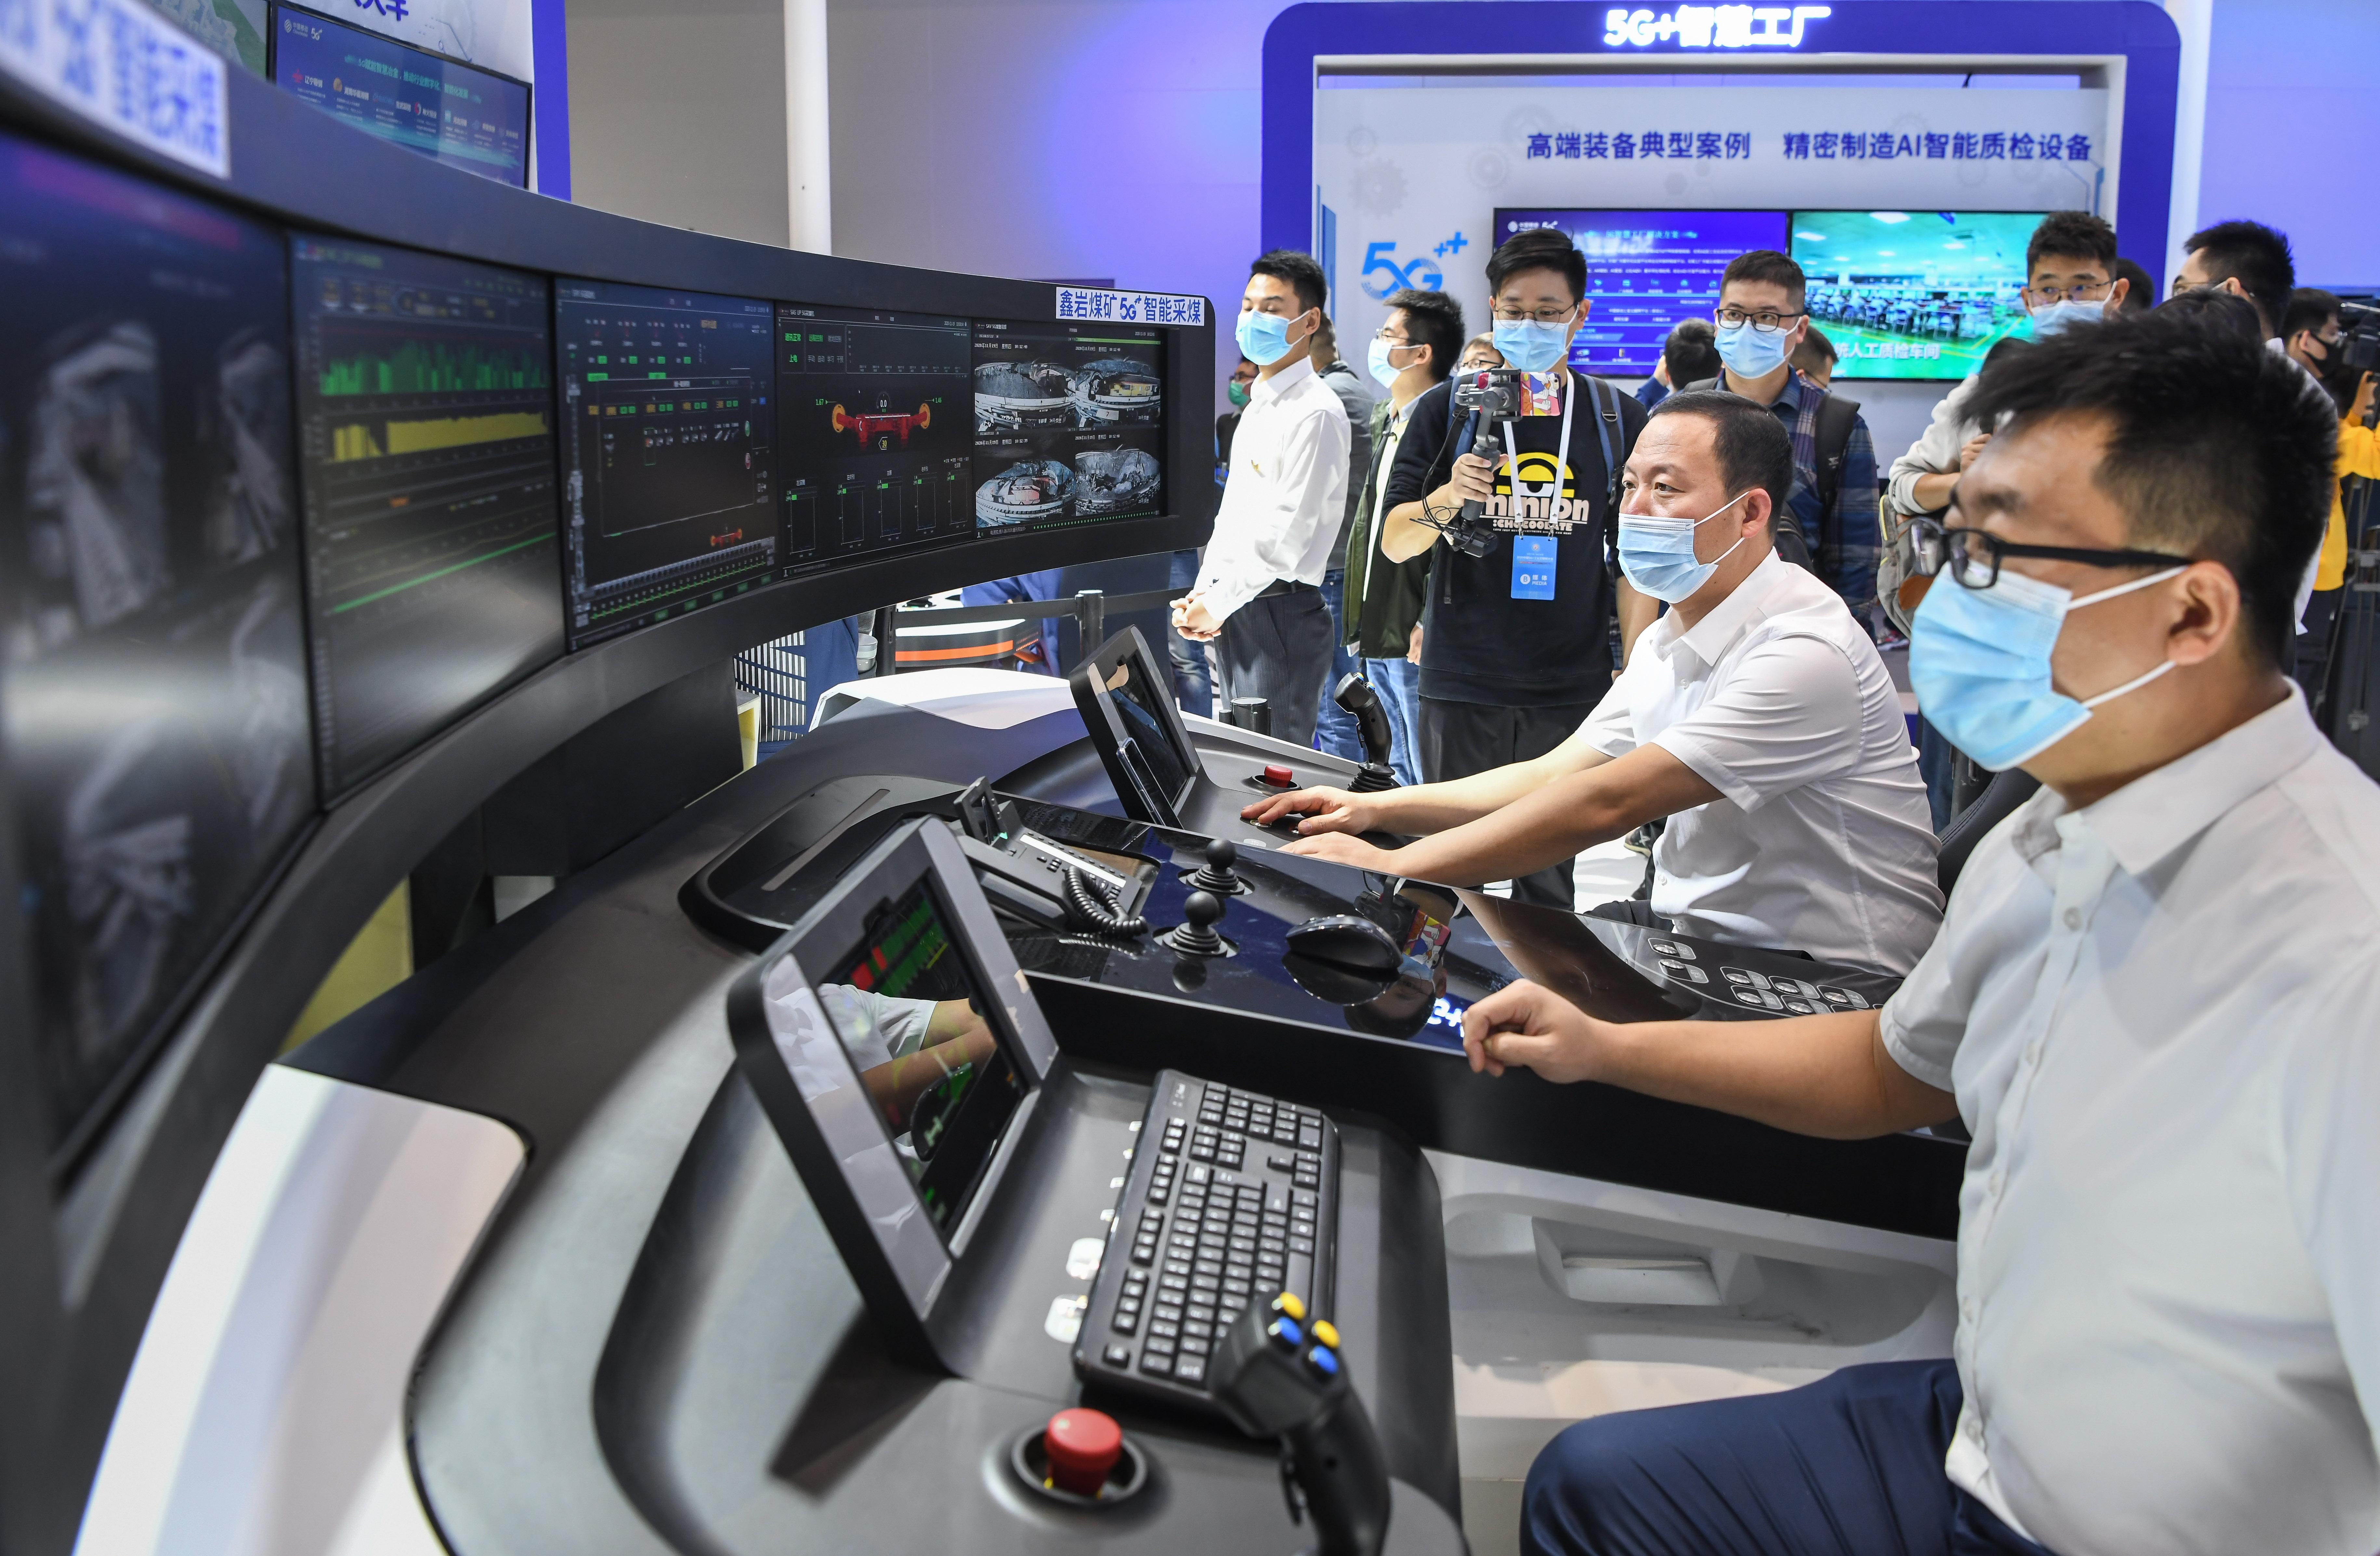 第一观察 | 总书记贺信:此次大会在湖北武汉召开有着特殊意义